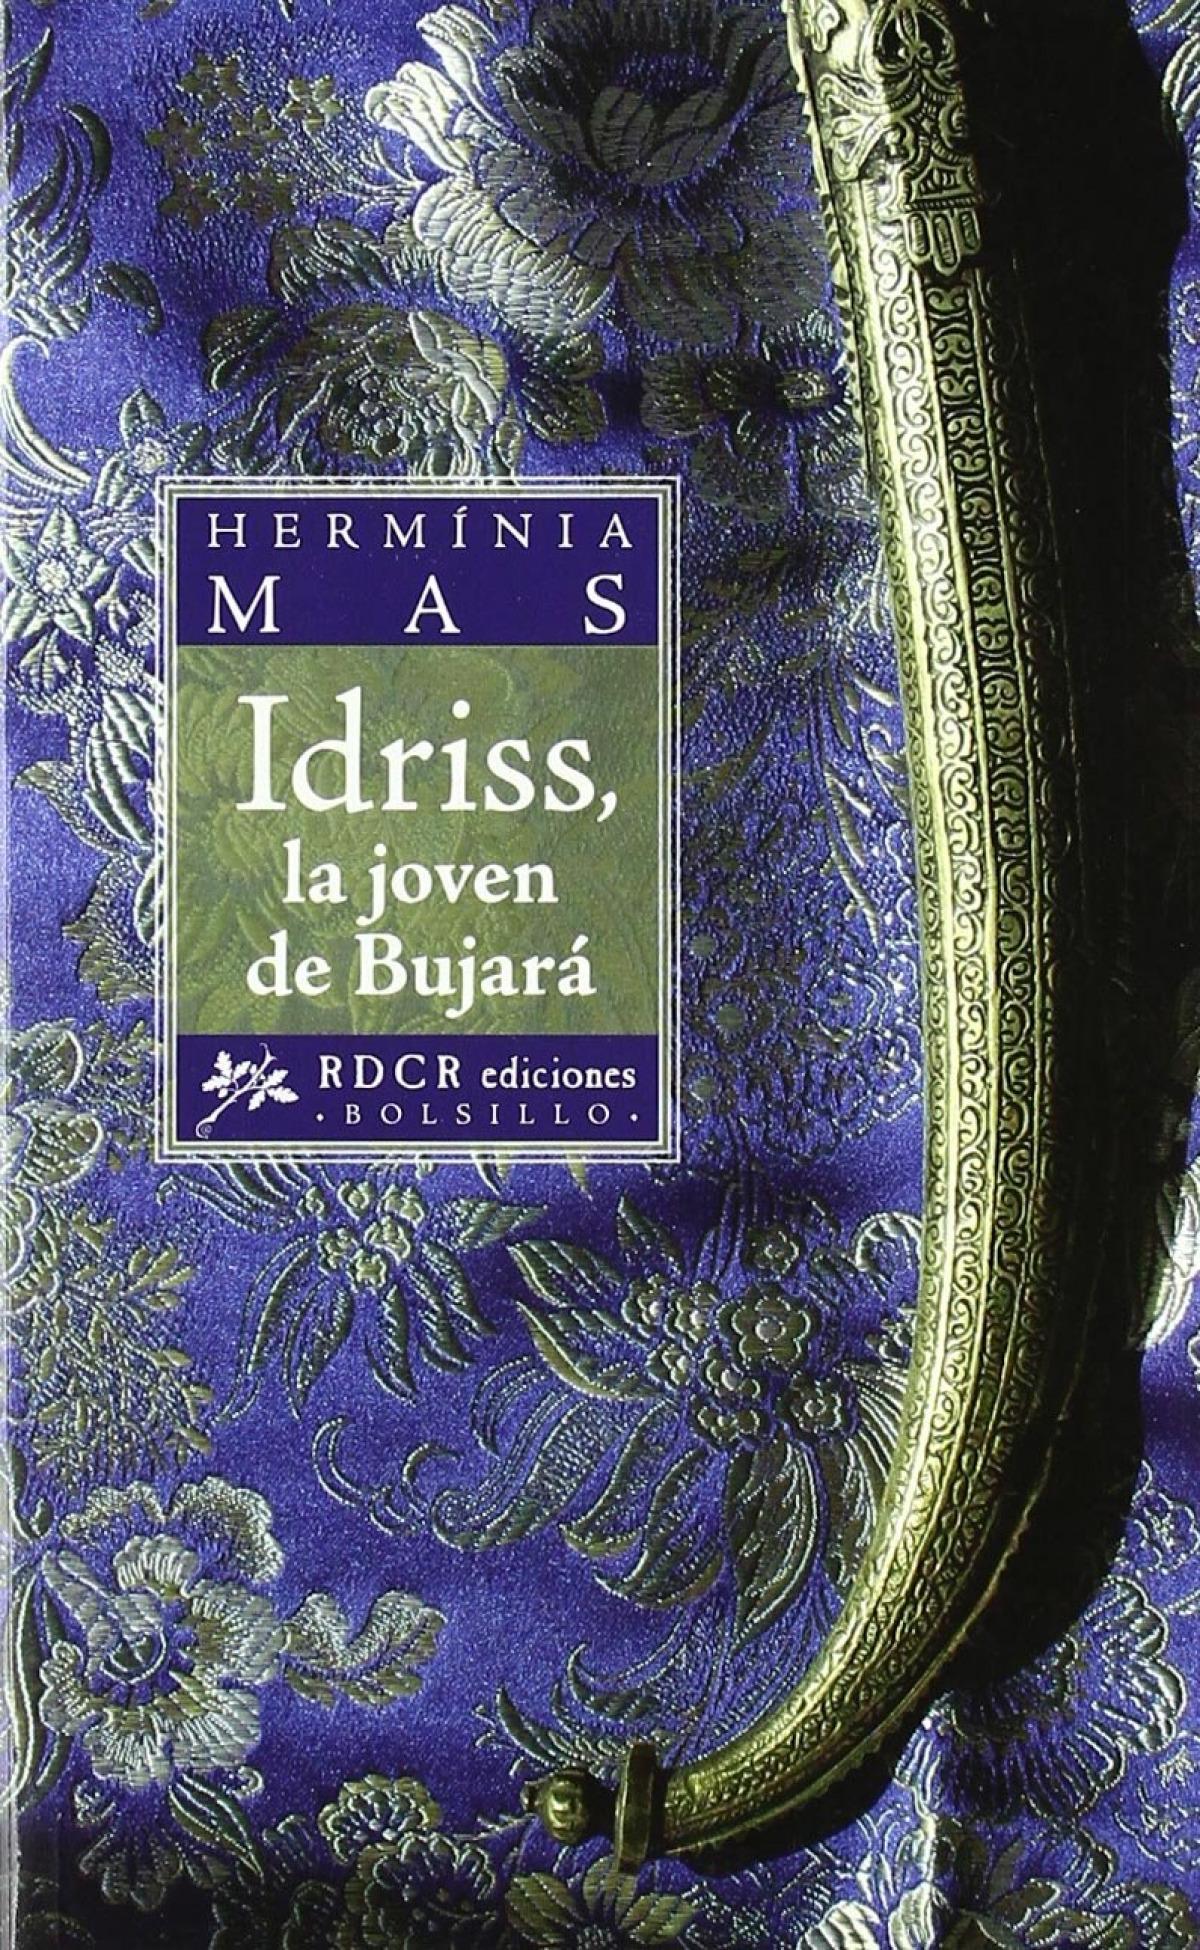 IDRISS, LA JOVEN DE BUJARA 9788493659929